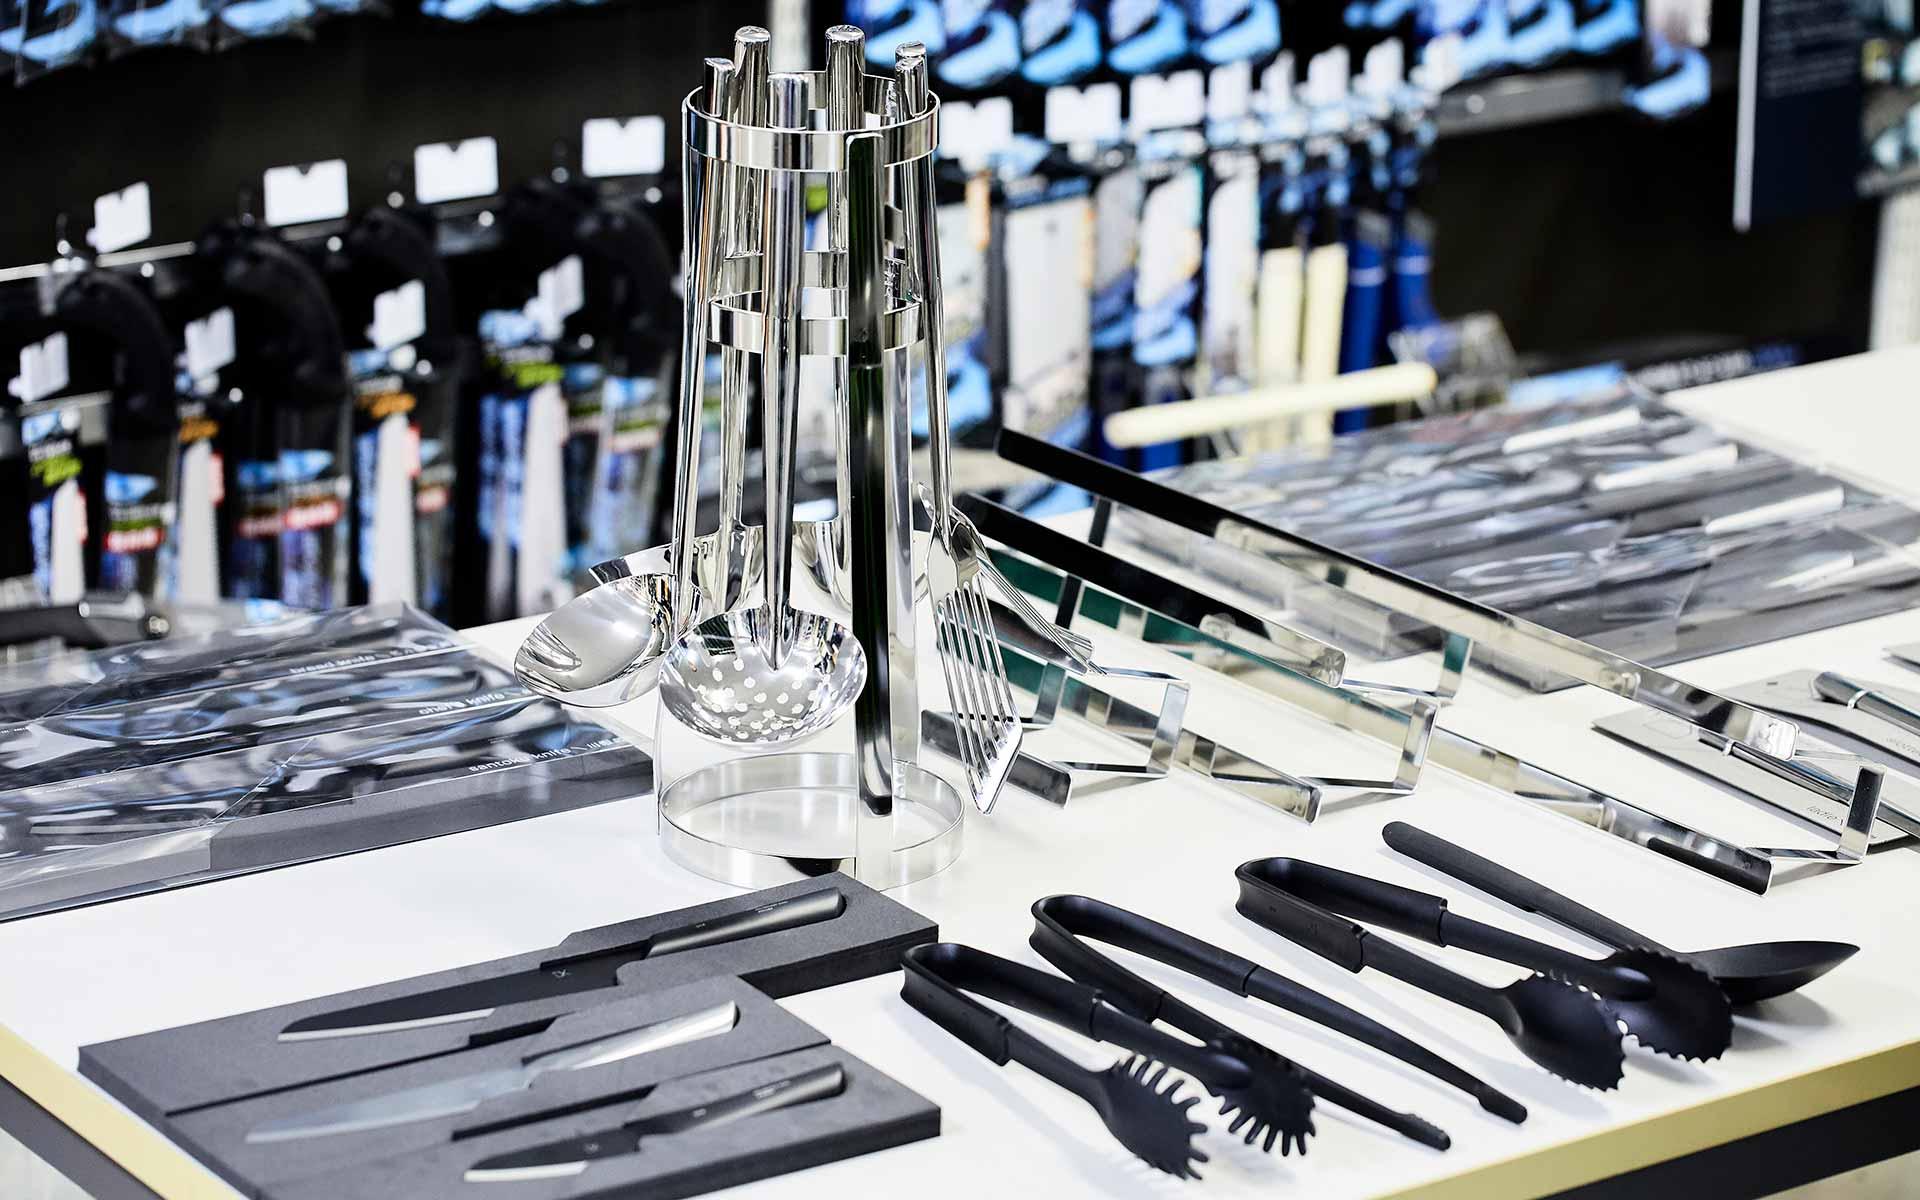 魅せるキッチンツール「DYK」で、三条市の老舗大工道具商社が挑む新市場